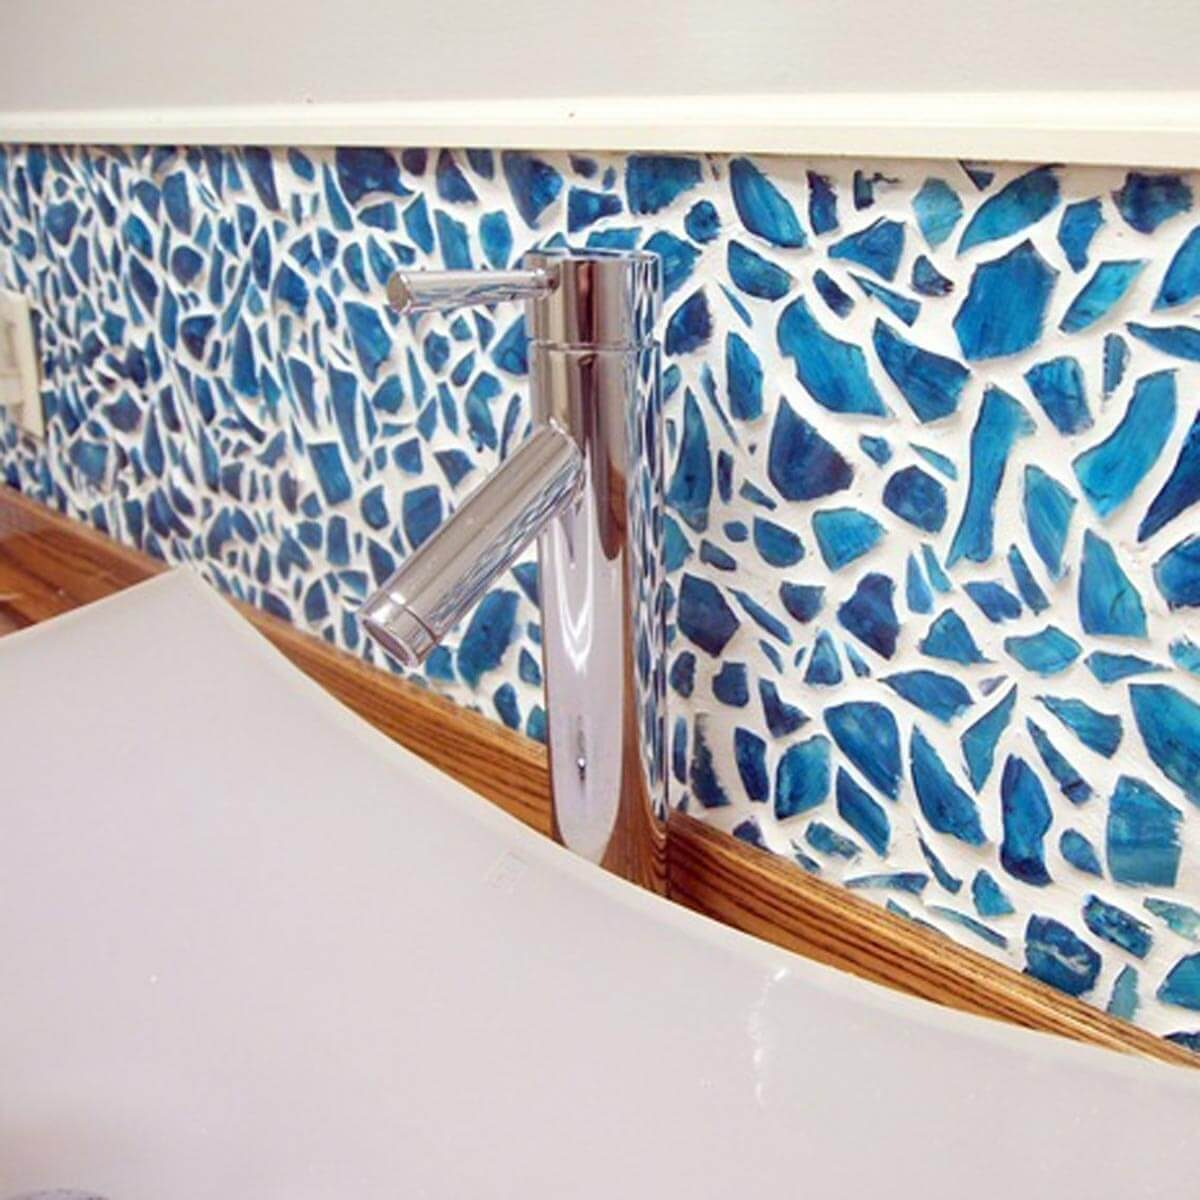 Blue mosaic backsplash